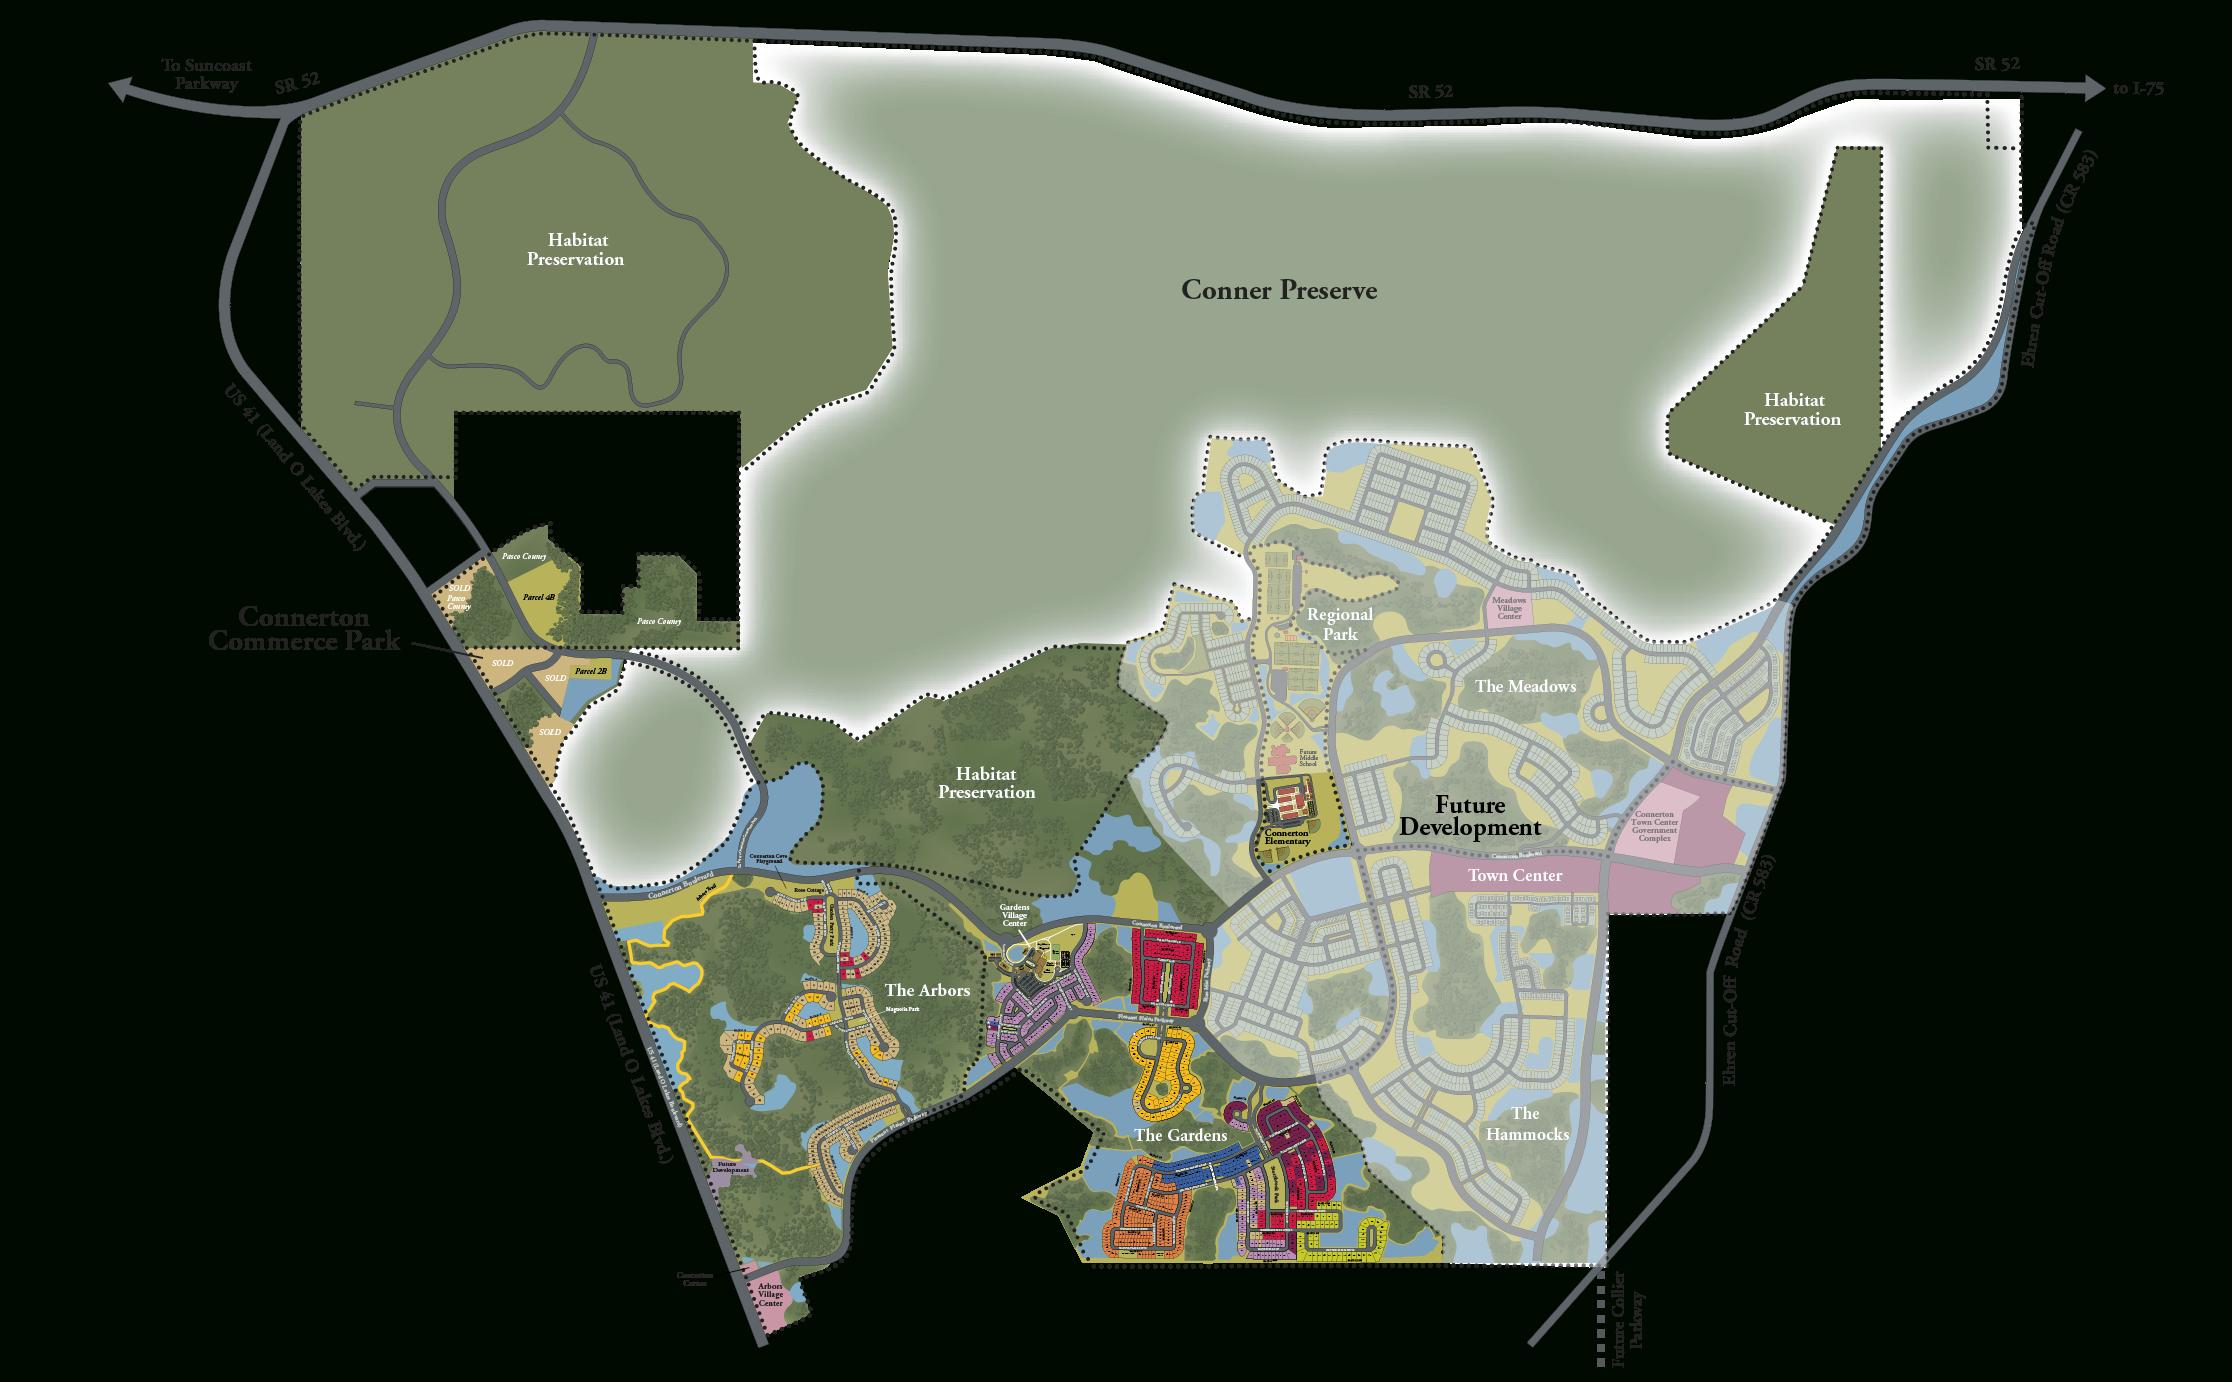 Interactive Area Map - Connerton - Land O Lakes Florida Map